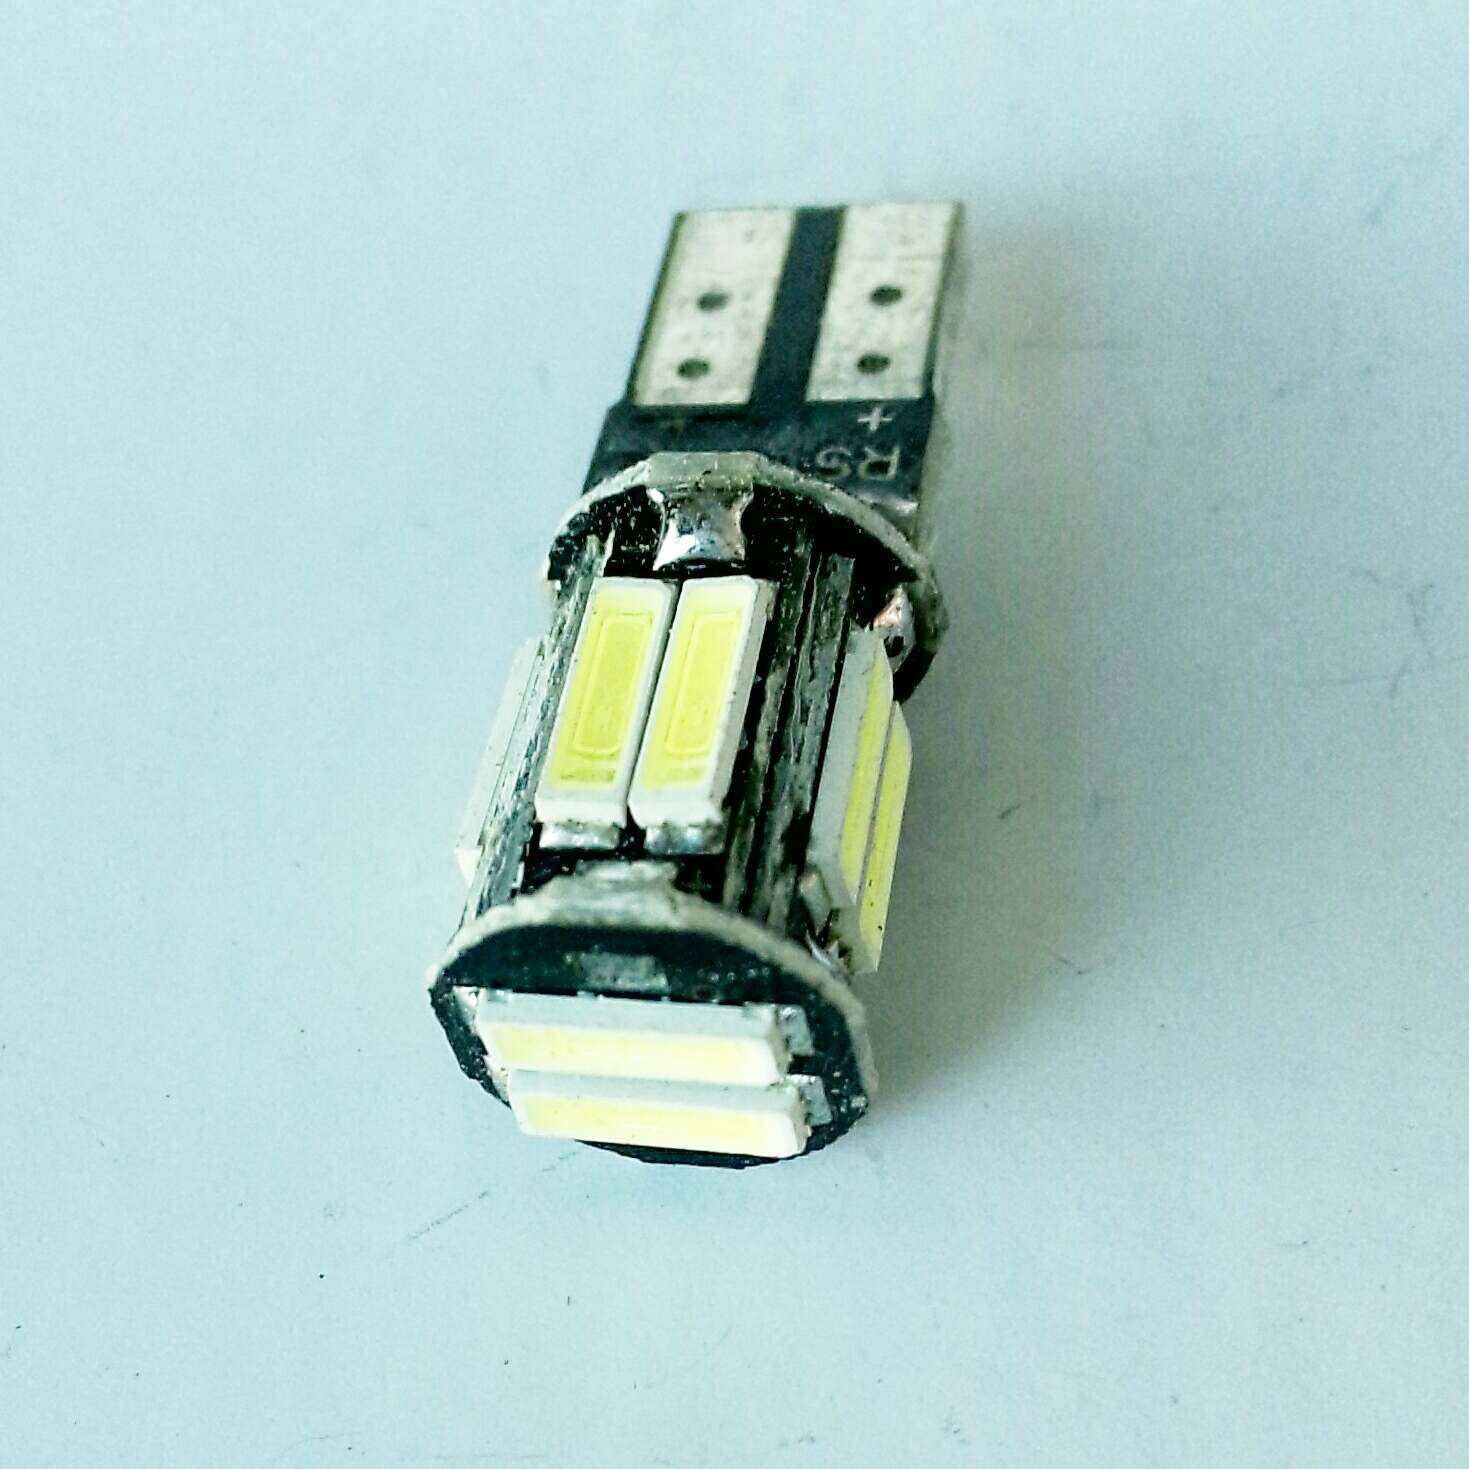 светодиод T10 10smd 7020 canbus с обманкой 12v